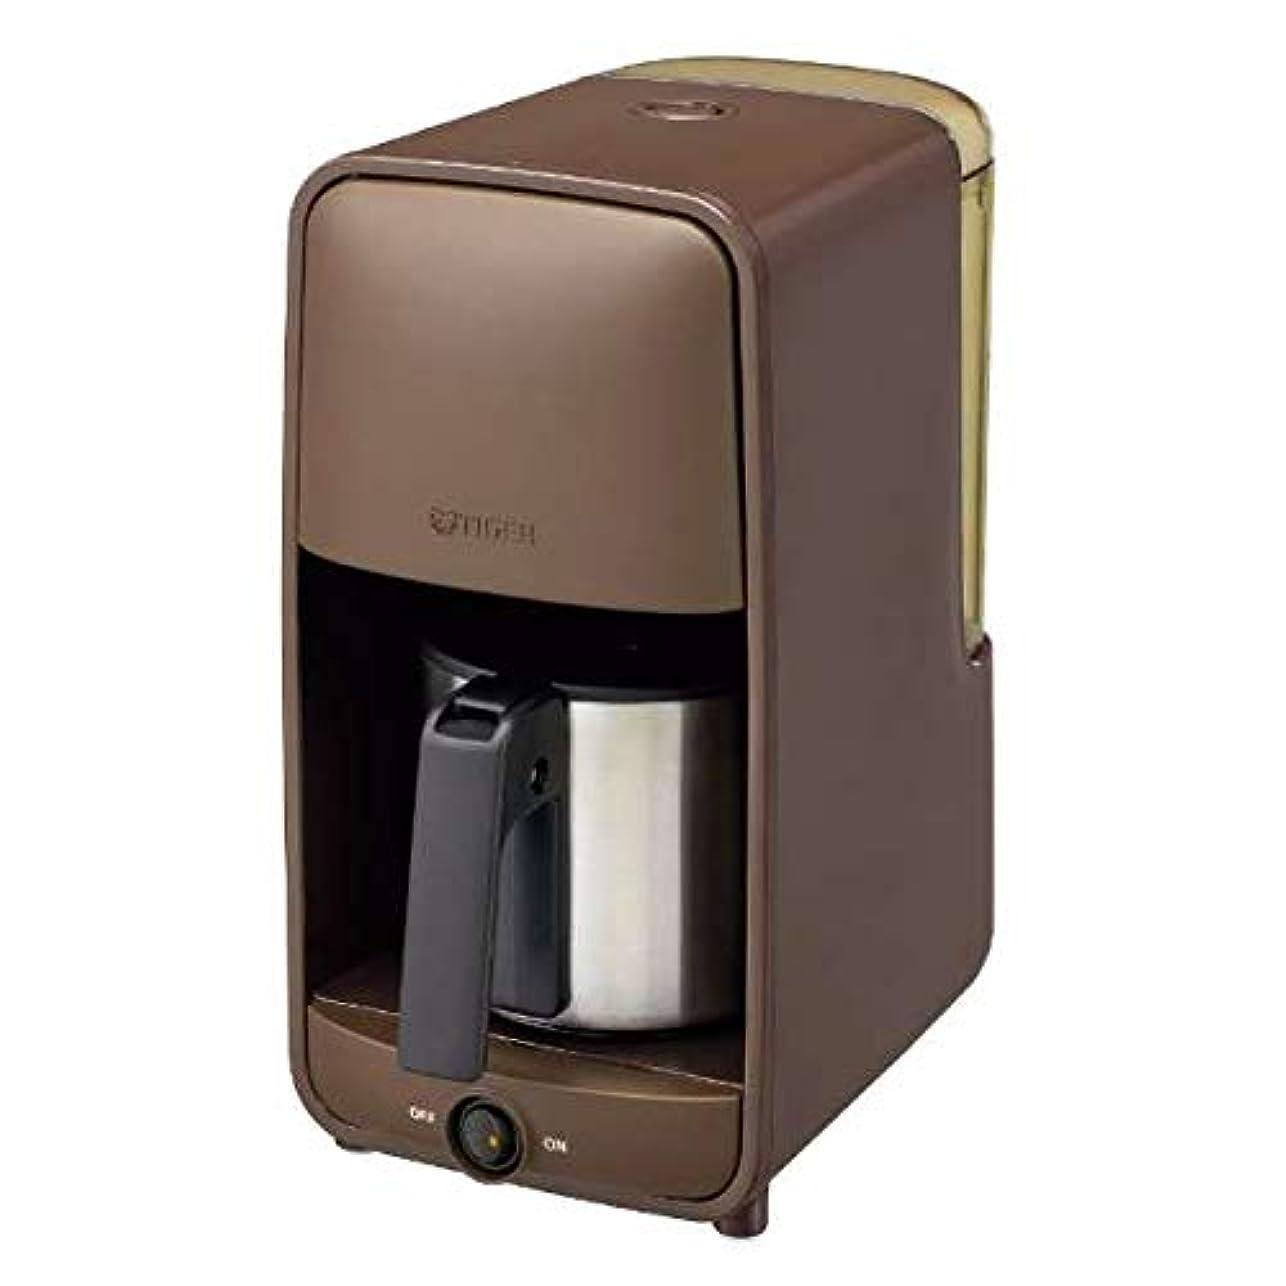 感性むしゃむしゃねばねばタイガー コーヒーメーカー ダークブラウンTIGER ADC-A060-TD